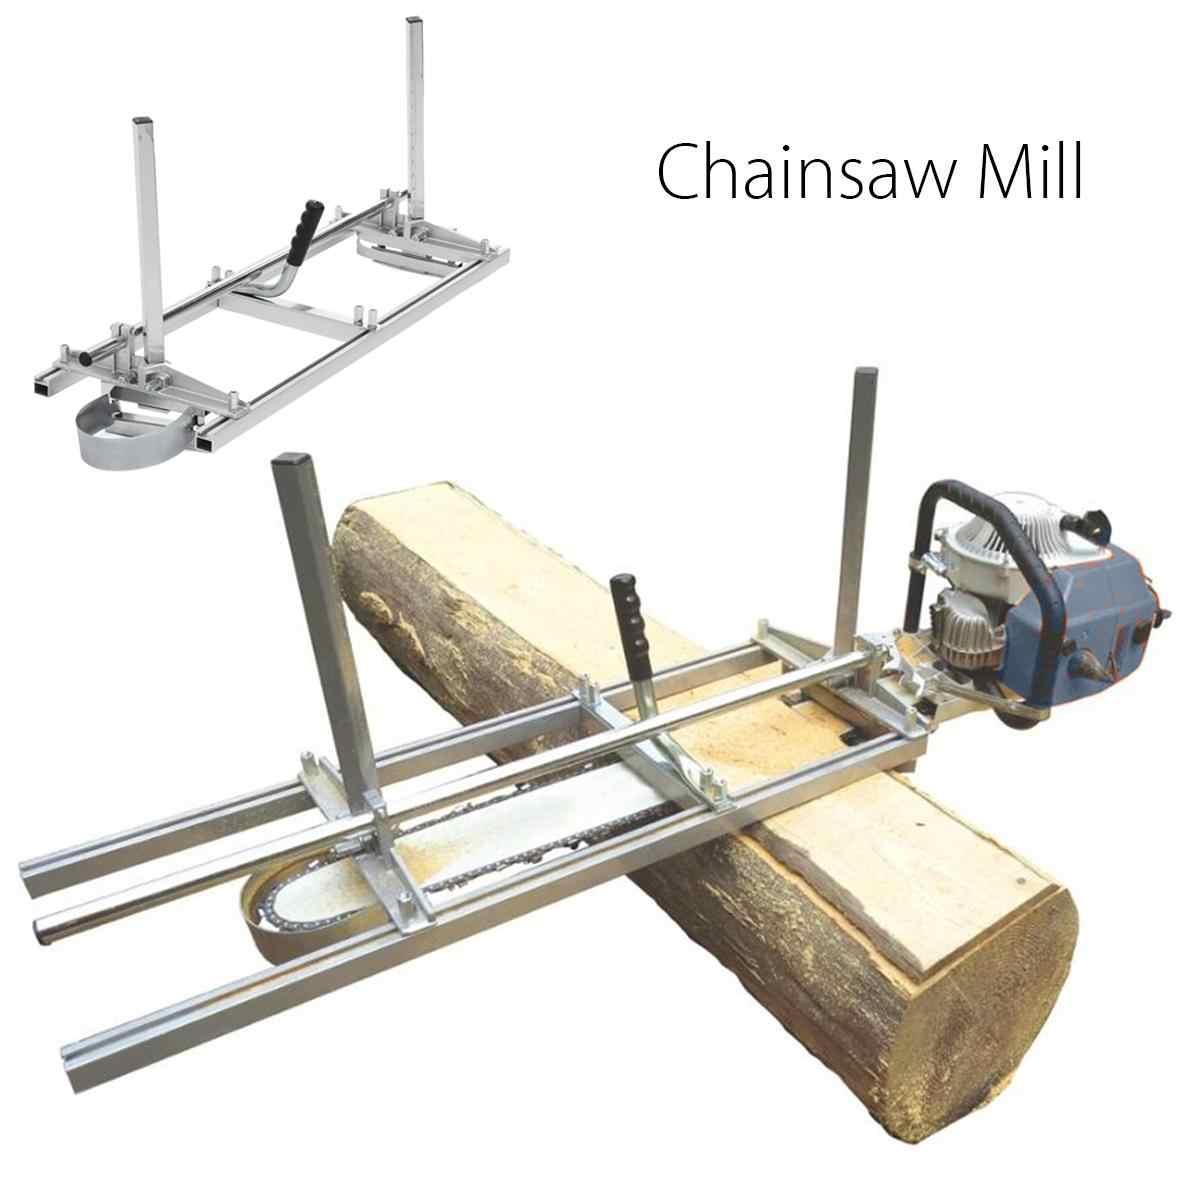 Przenośna piła młyn deski frezowanie piła łańcuchowa młyn deski drewna frezowanie Bar rozmiar 14 ''do 36'' narzędzie do cięcia